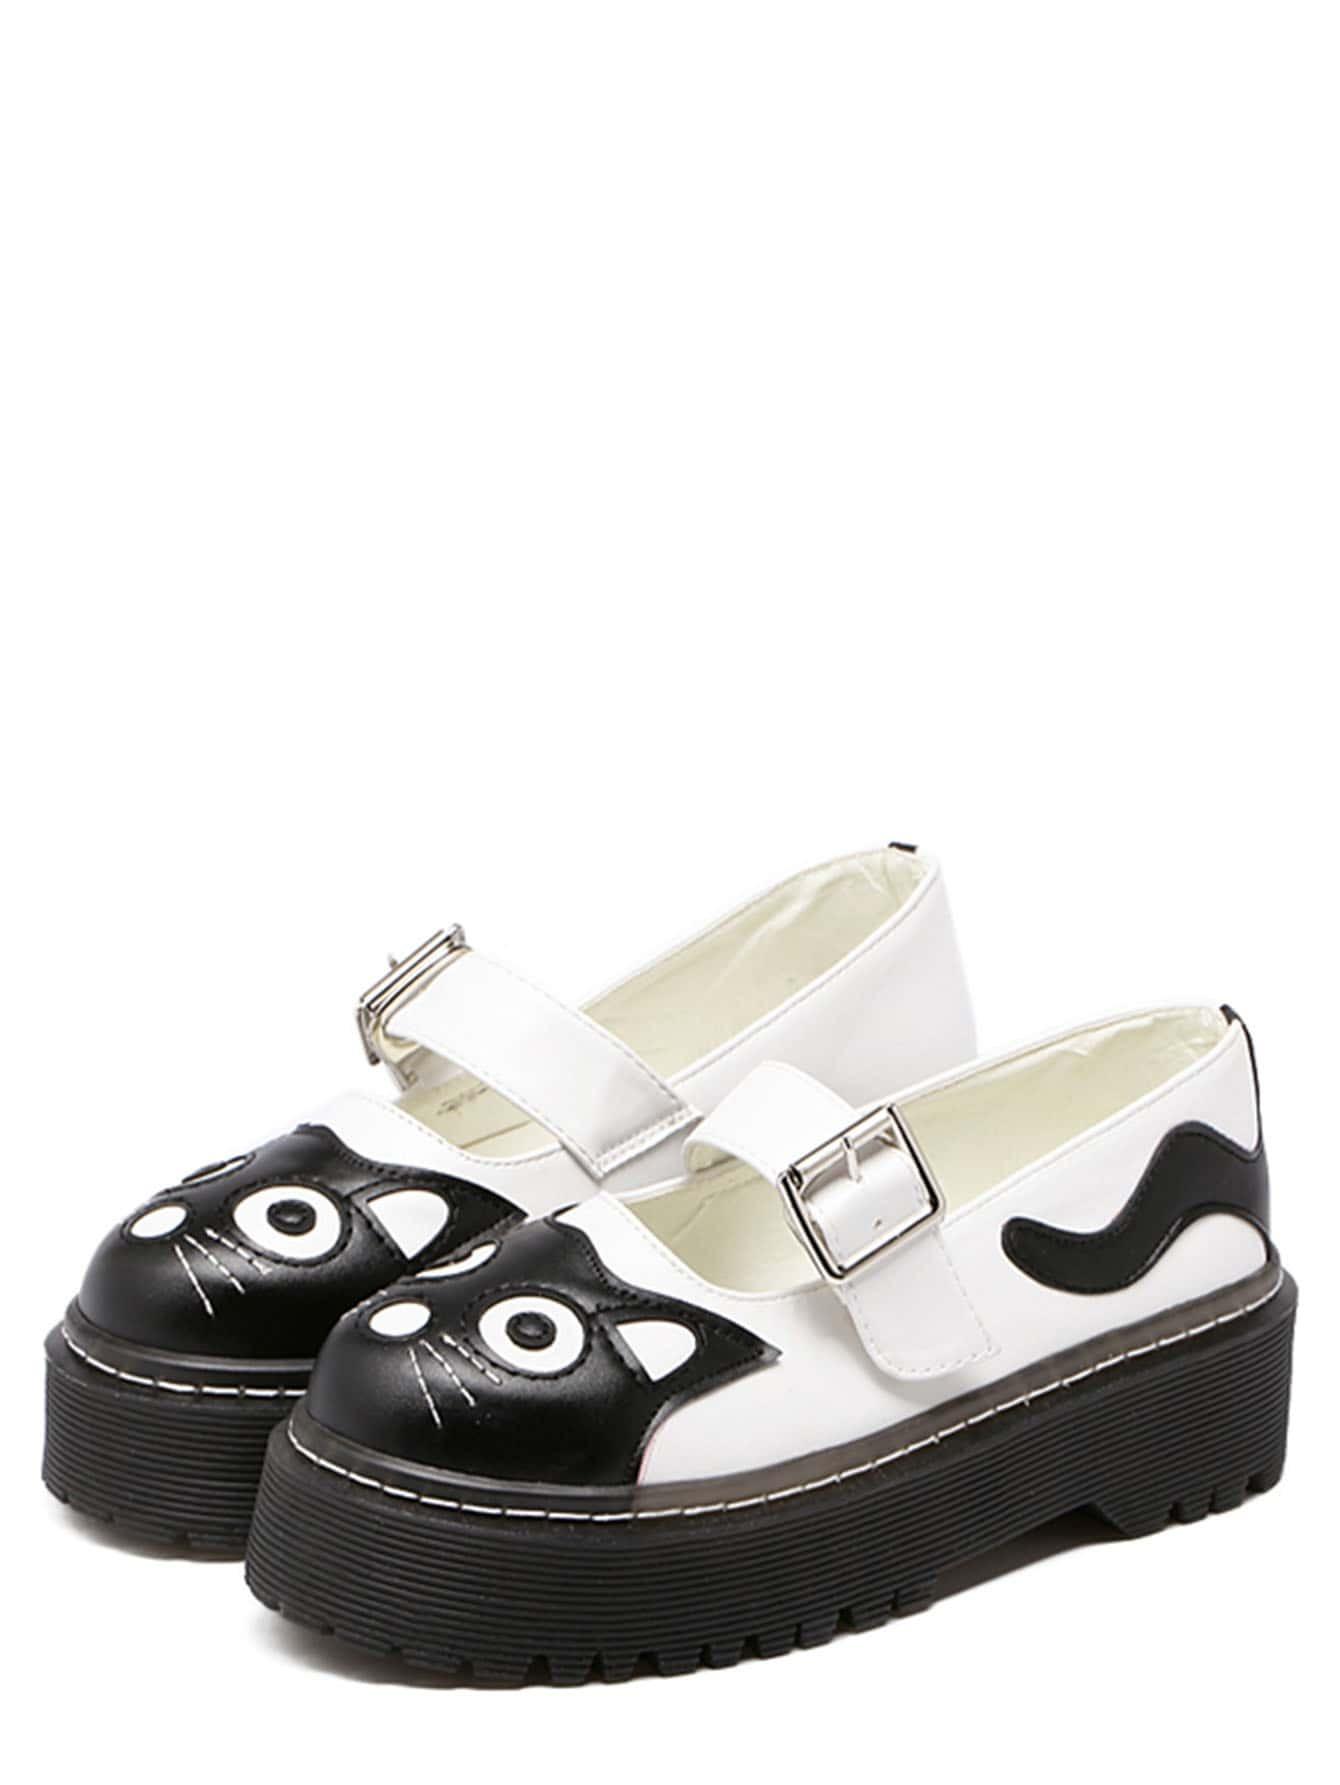 shoes160908804_2